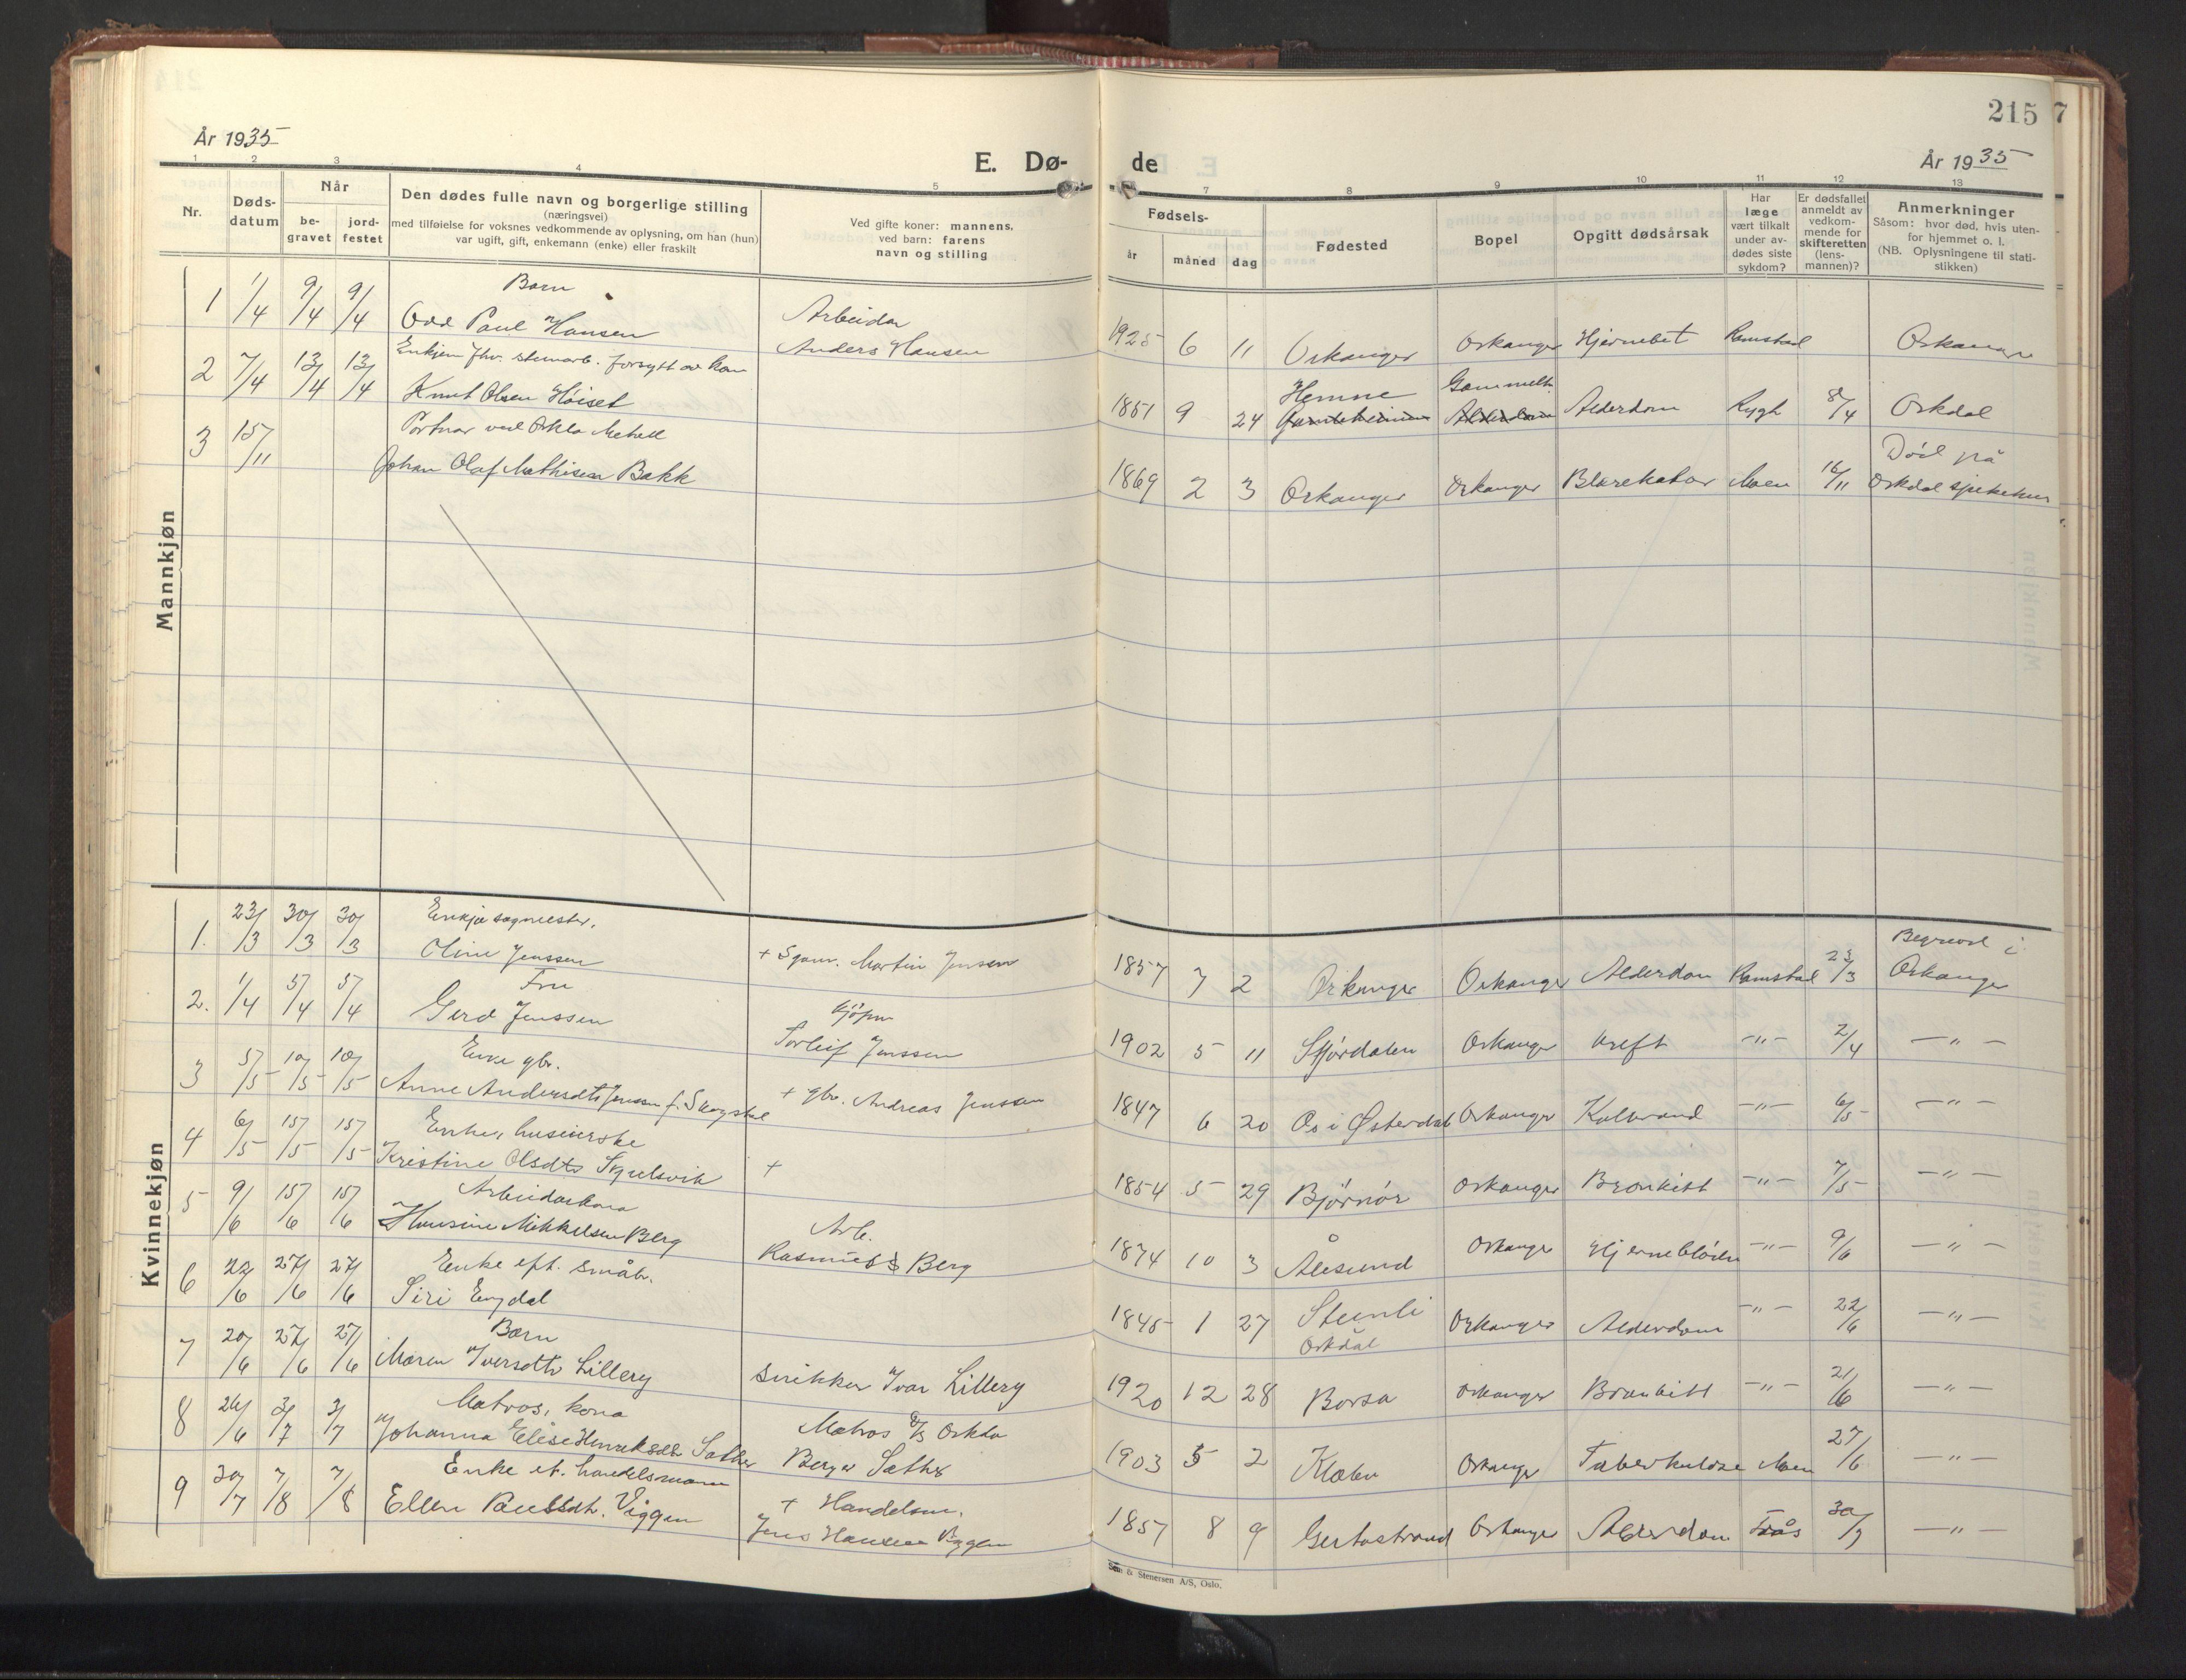 SAT, Ministerialprotokoller, klokkerbøker og fødselsregistre - Sør-Trøndelag, 669/L0832: Klokkerbok nr. 669C02, 1925-1953, s. 215